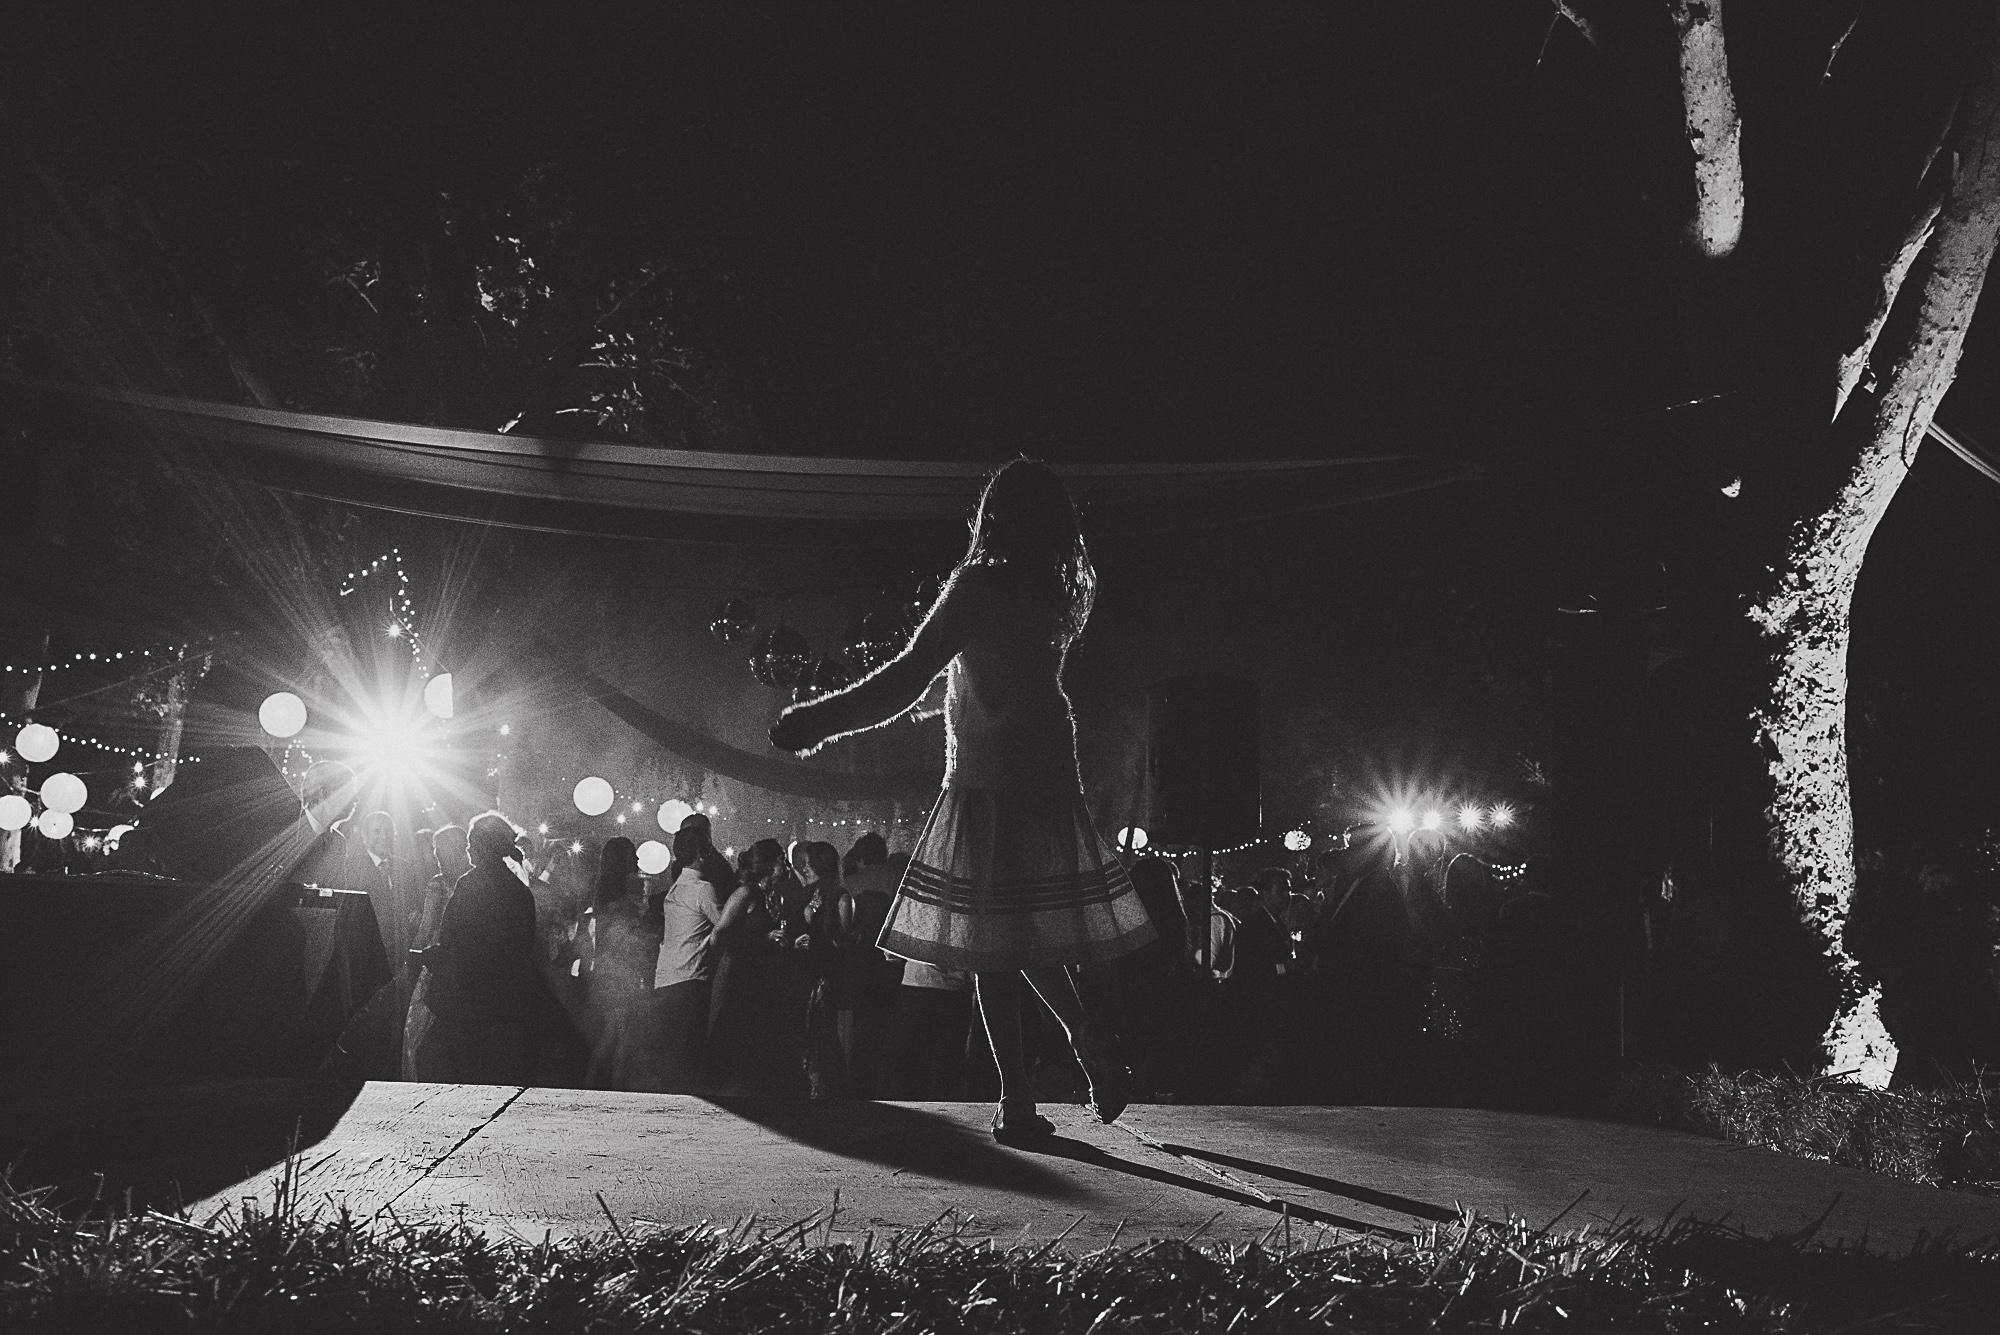 boda-vero-matias-chile-fotografo-de-bodas-a-destino-gabriel-roa-34